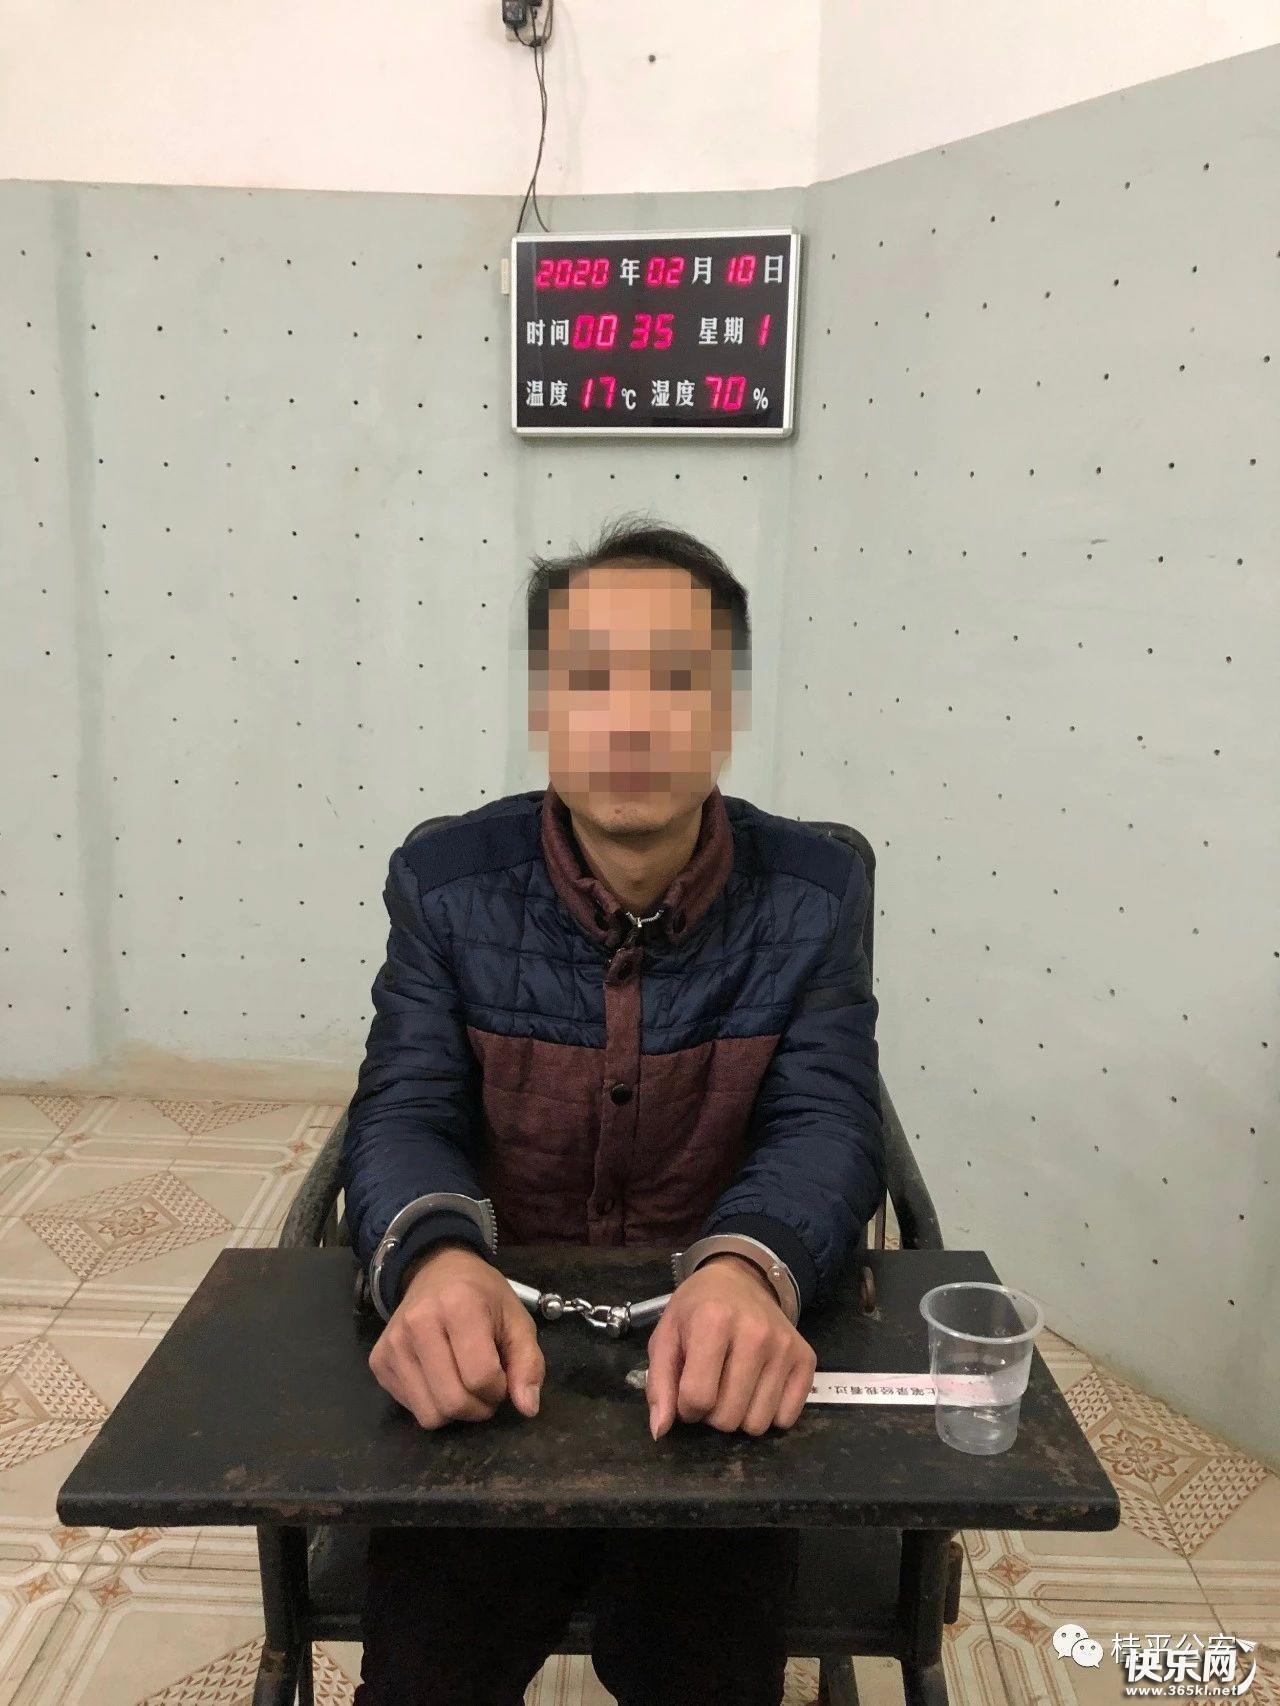 貴港兩男子疫情期間吸毒被抓,公安表示隔離套餐安排上了!